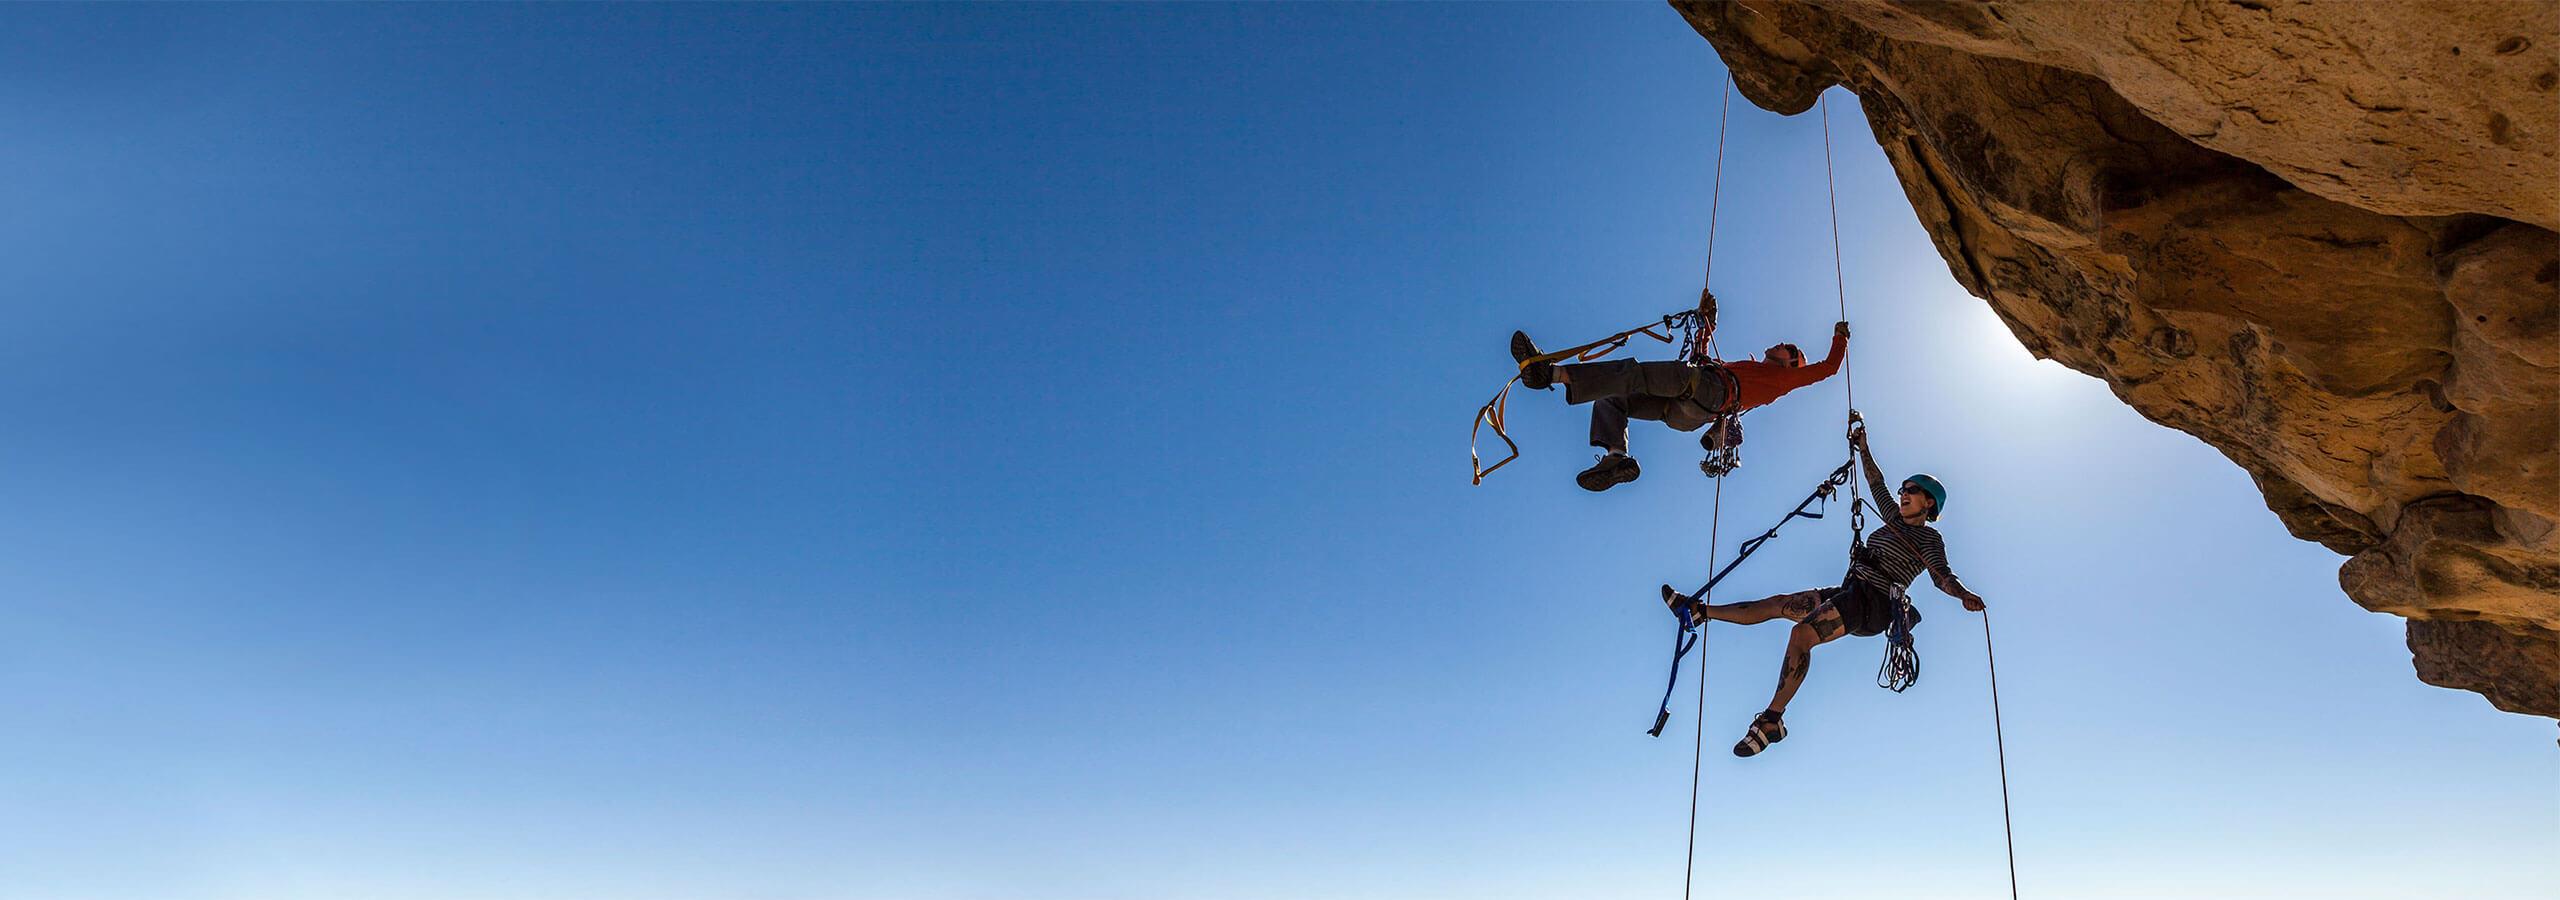 Helping-Families-Mountain-Climbing